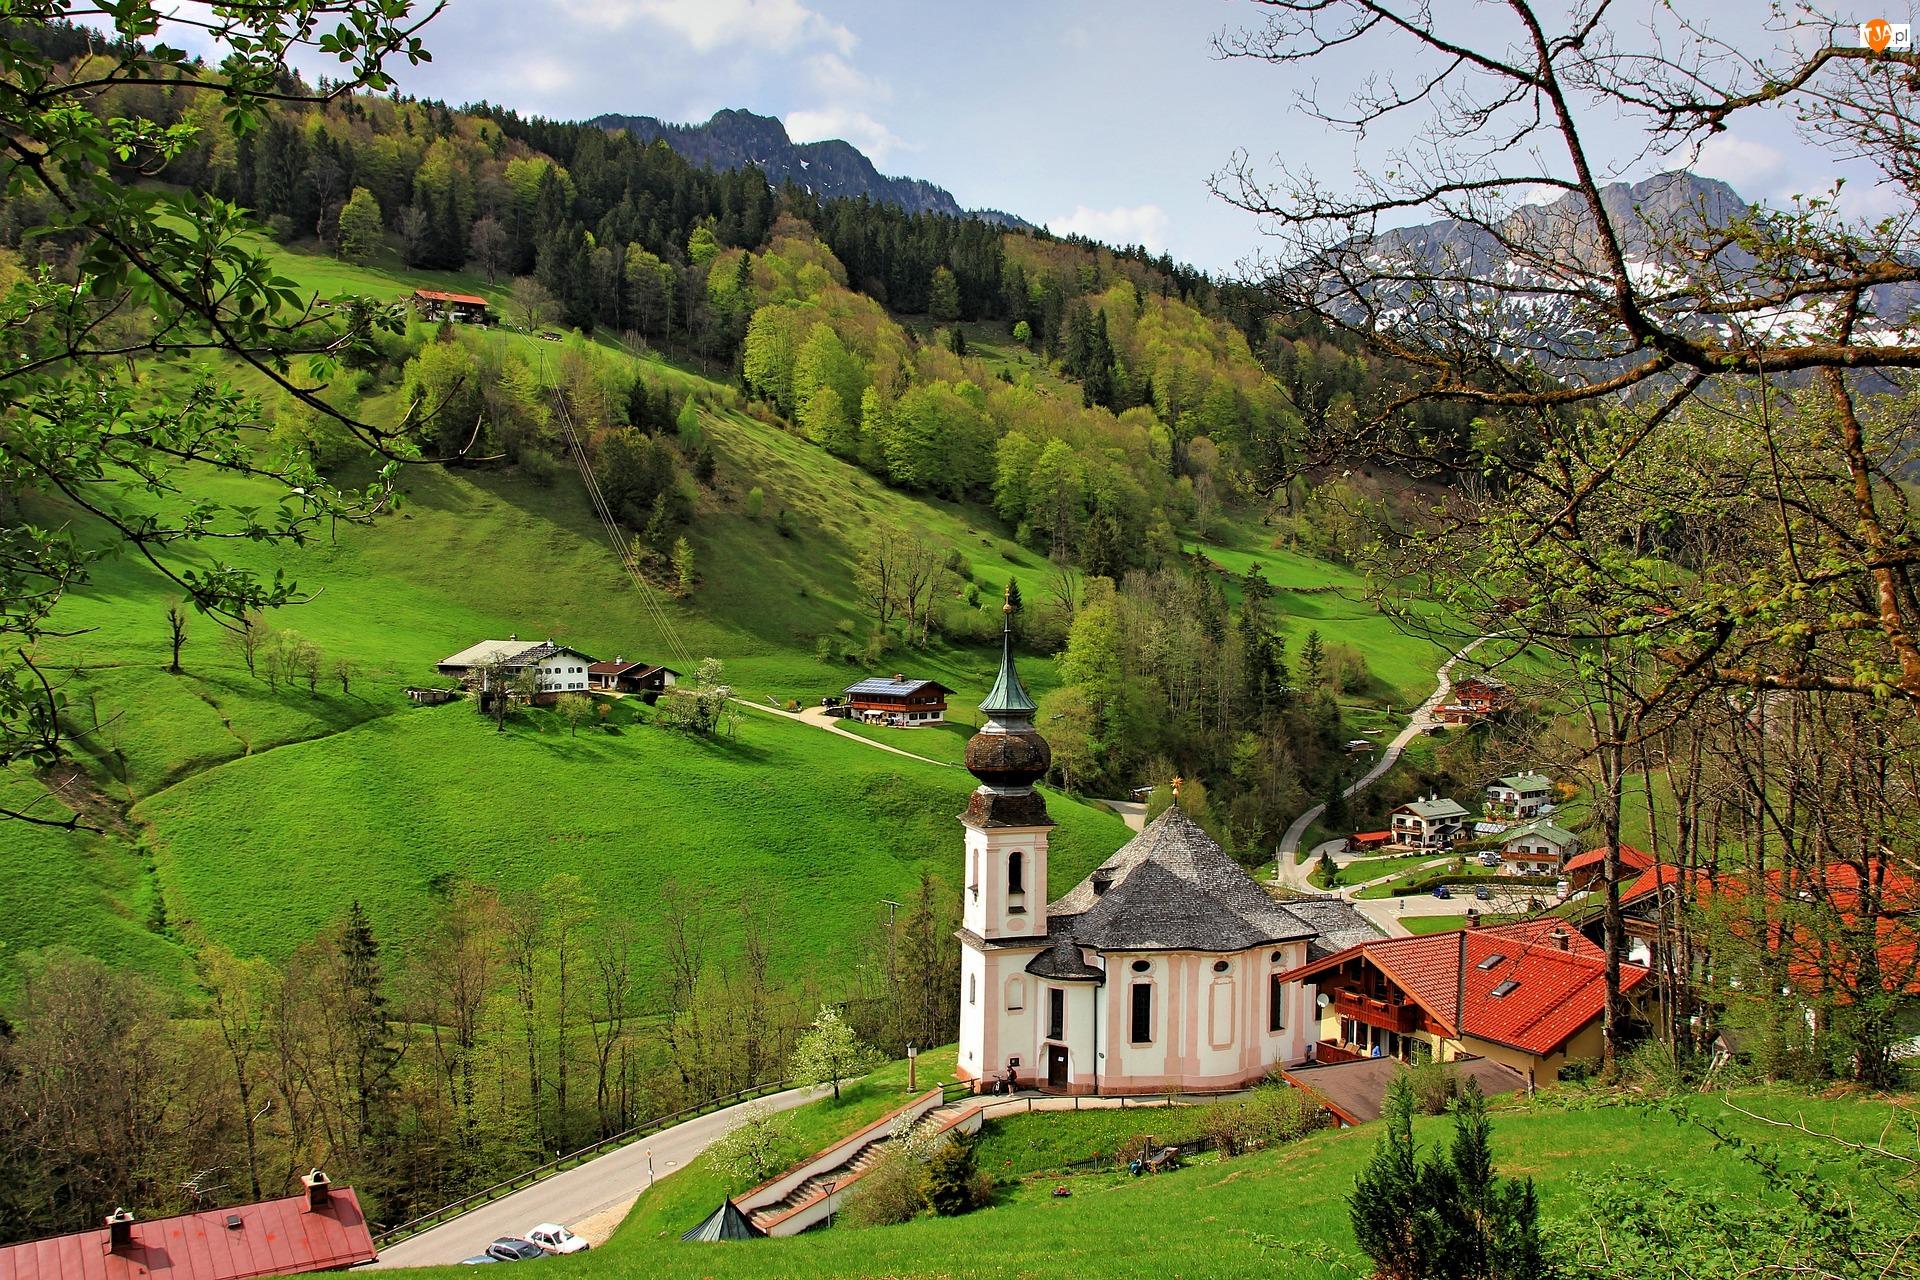 Niemcy, Sanktuarium Maria Gern, Bawaria, Drzewa, Berchtesgaden, Góry, Alpy Salzburskie, Kościół, Lasy